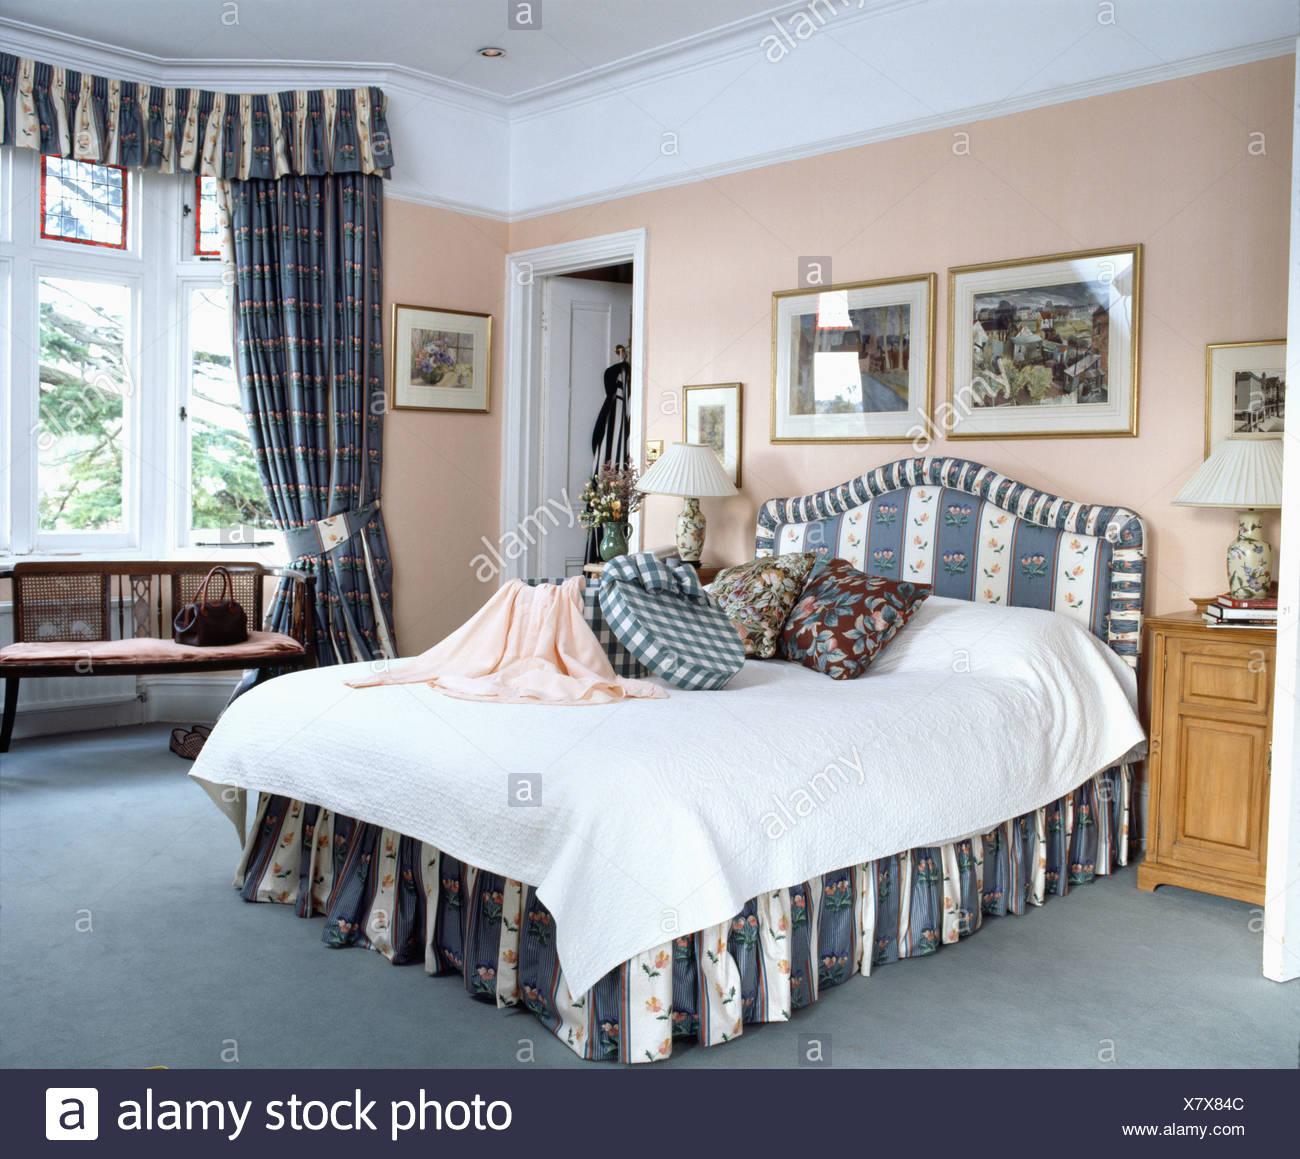 Schlafzimmer Mit Pfirsich Wände Und Bett Mit Blauen Gestreiften Vallance  Und Passende Gardinen